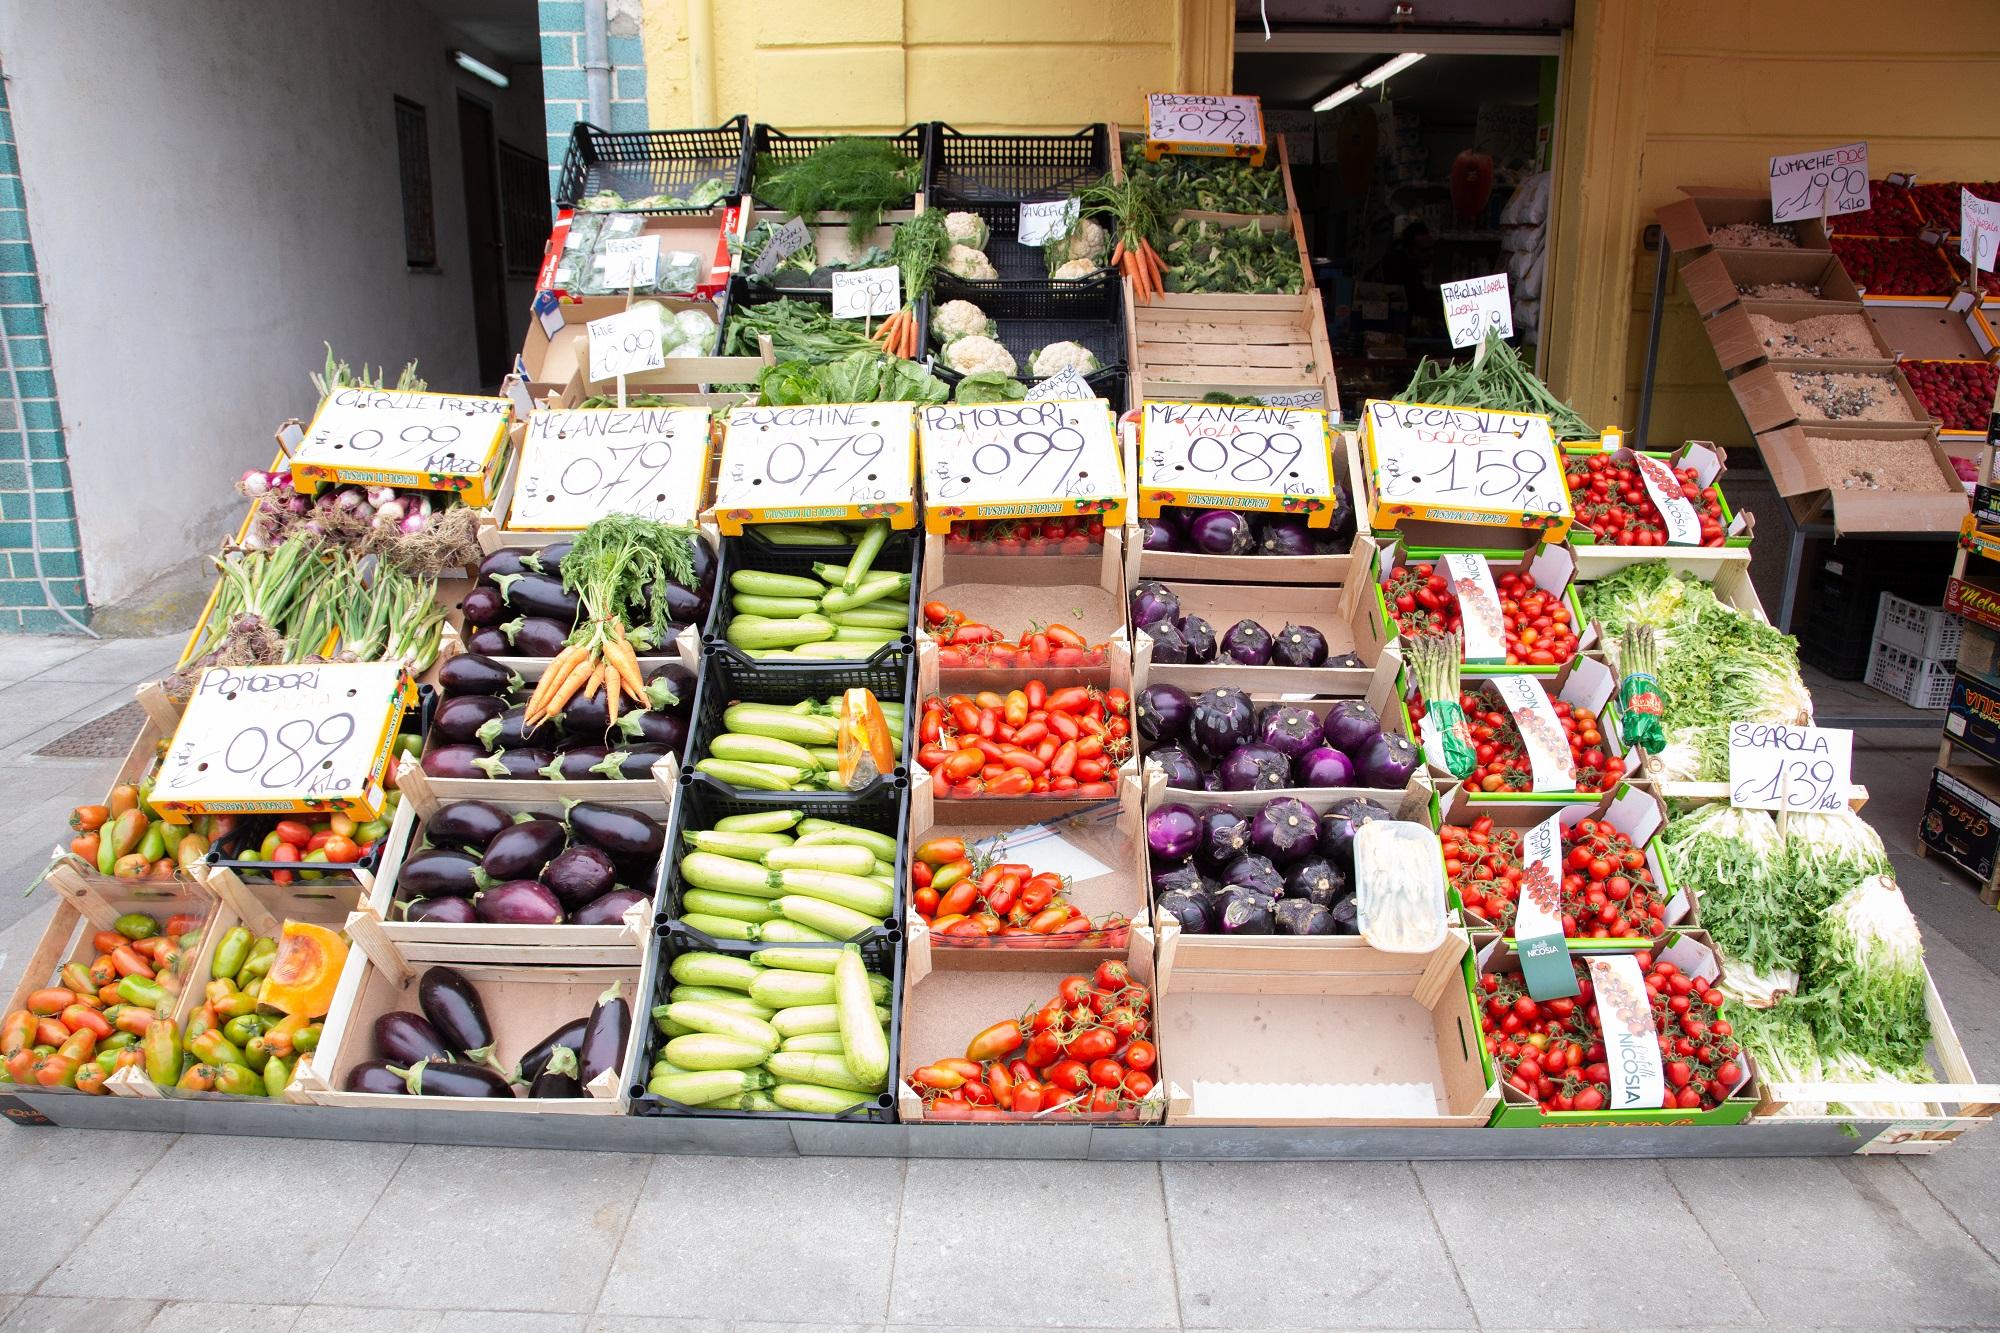 Frutta e verdura Durante image